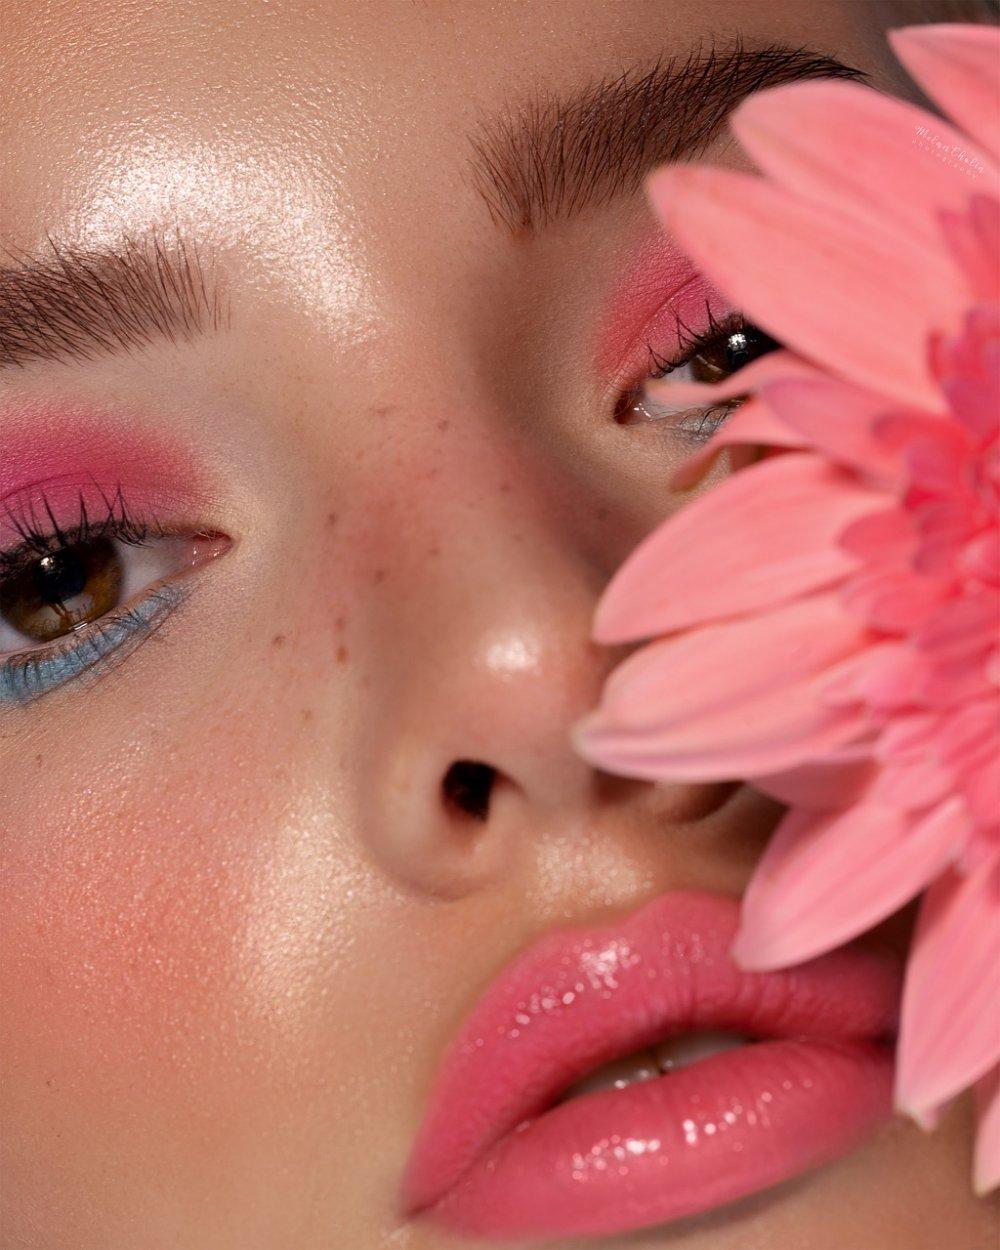 Vill du släta ut rynkor, återfukta huden eller rengöra den? en ansiktsmask kan ge huden det lilla extra